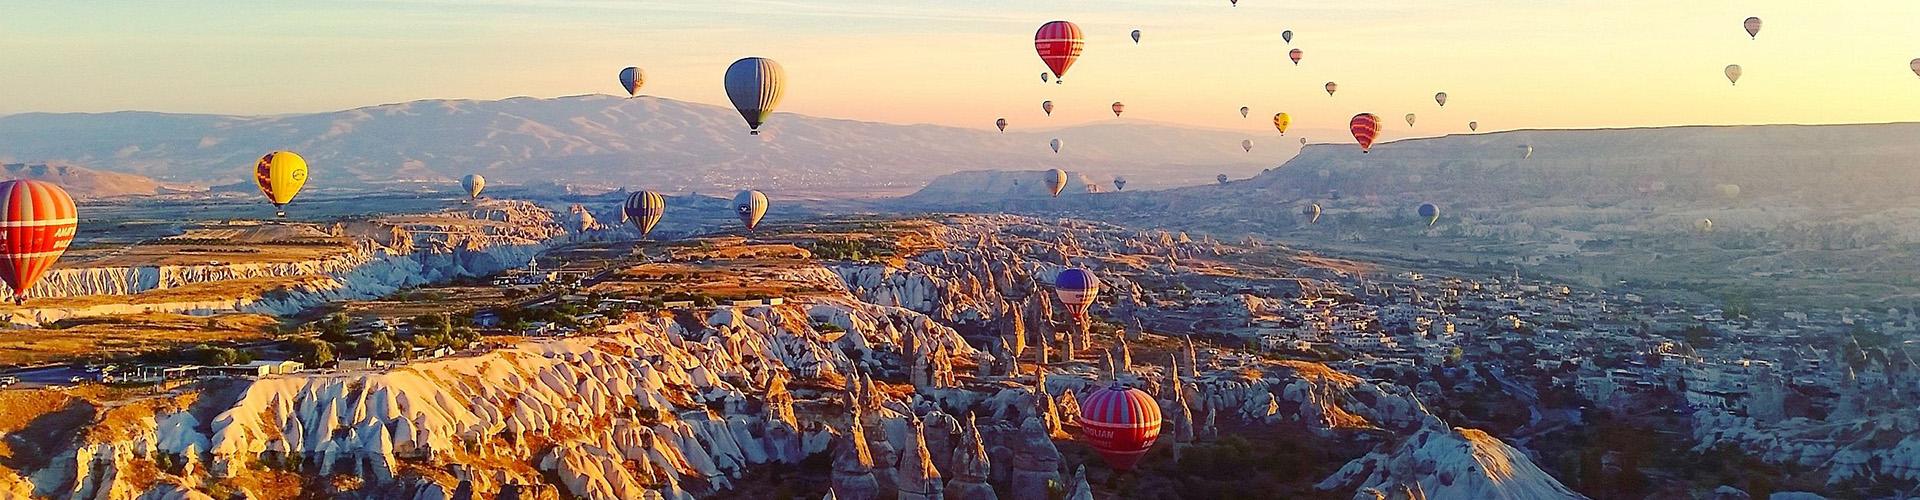 土耳其移民_土耳其投资移民政策_入籍条件